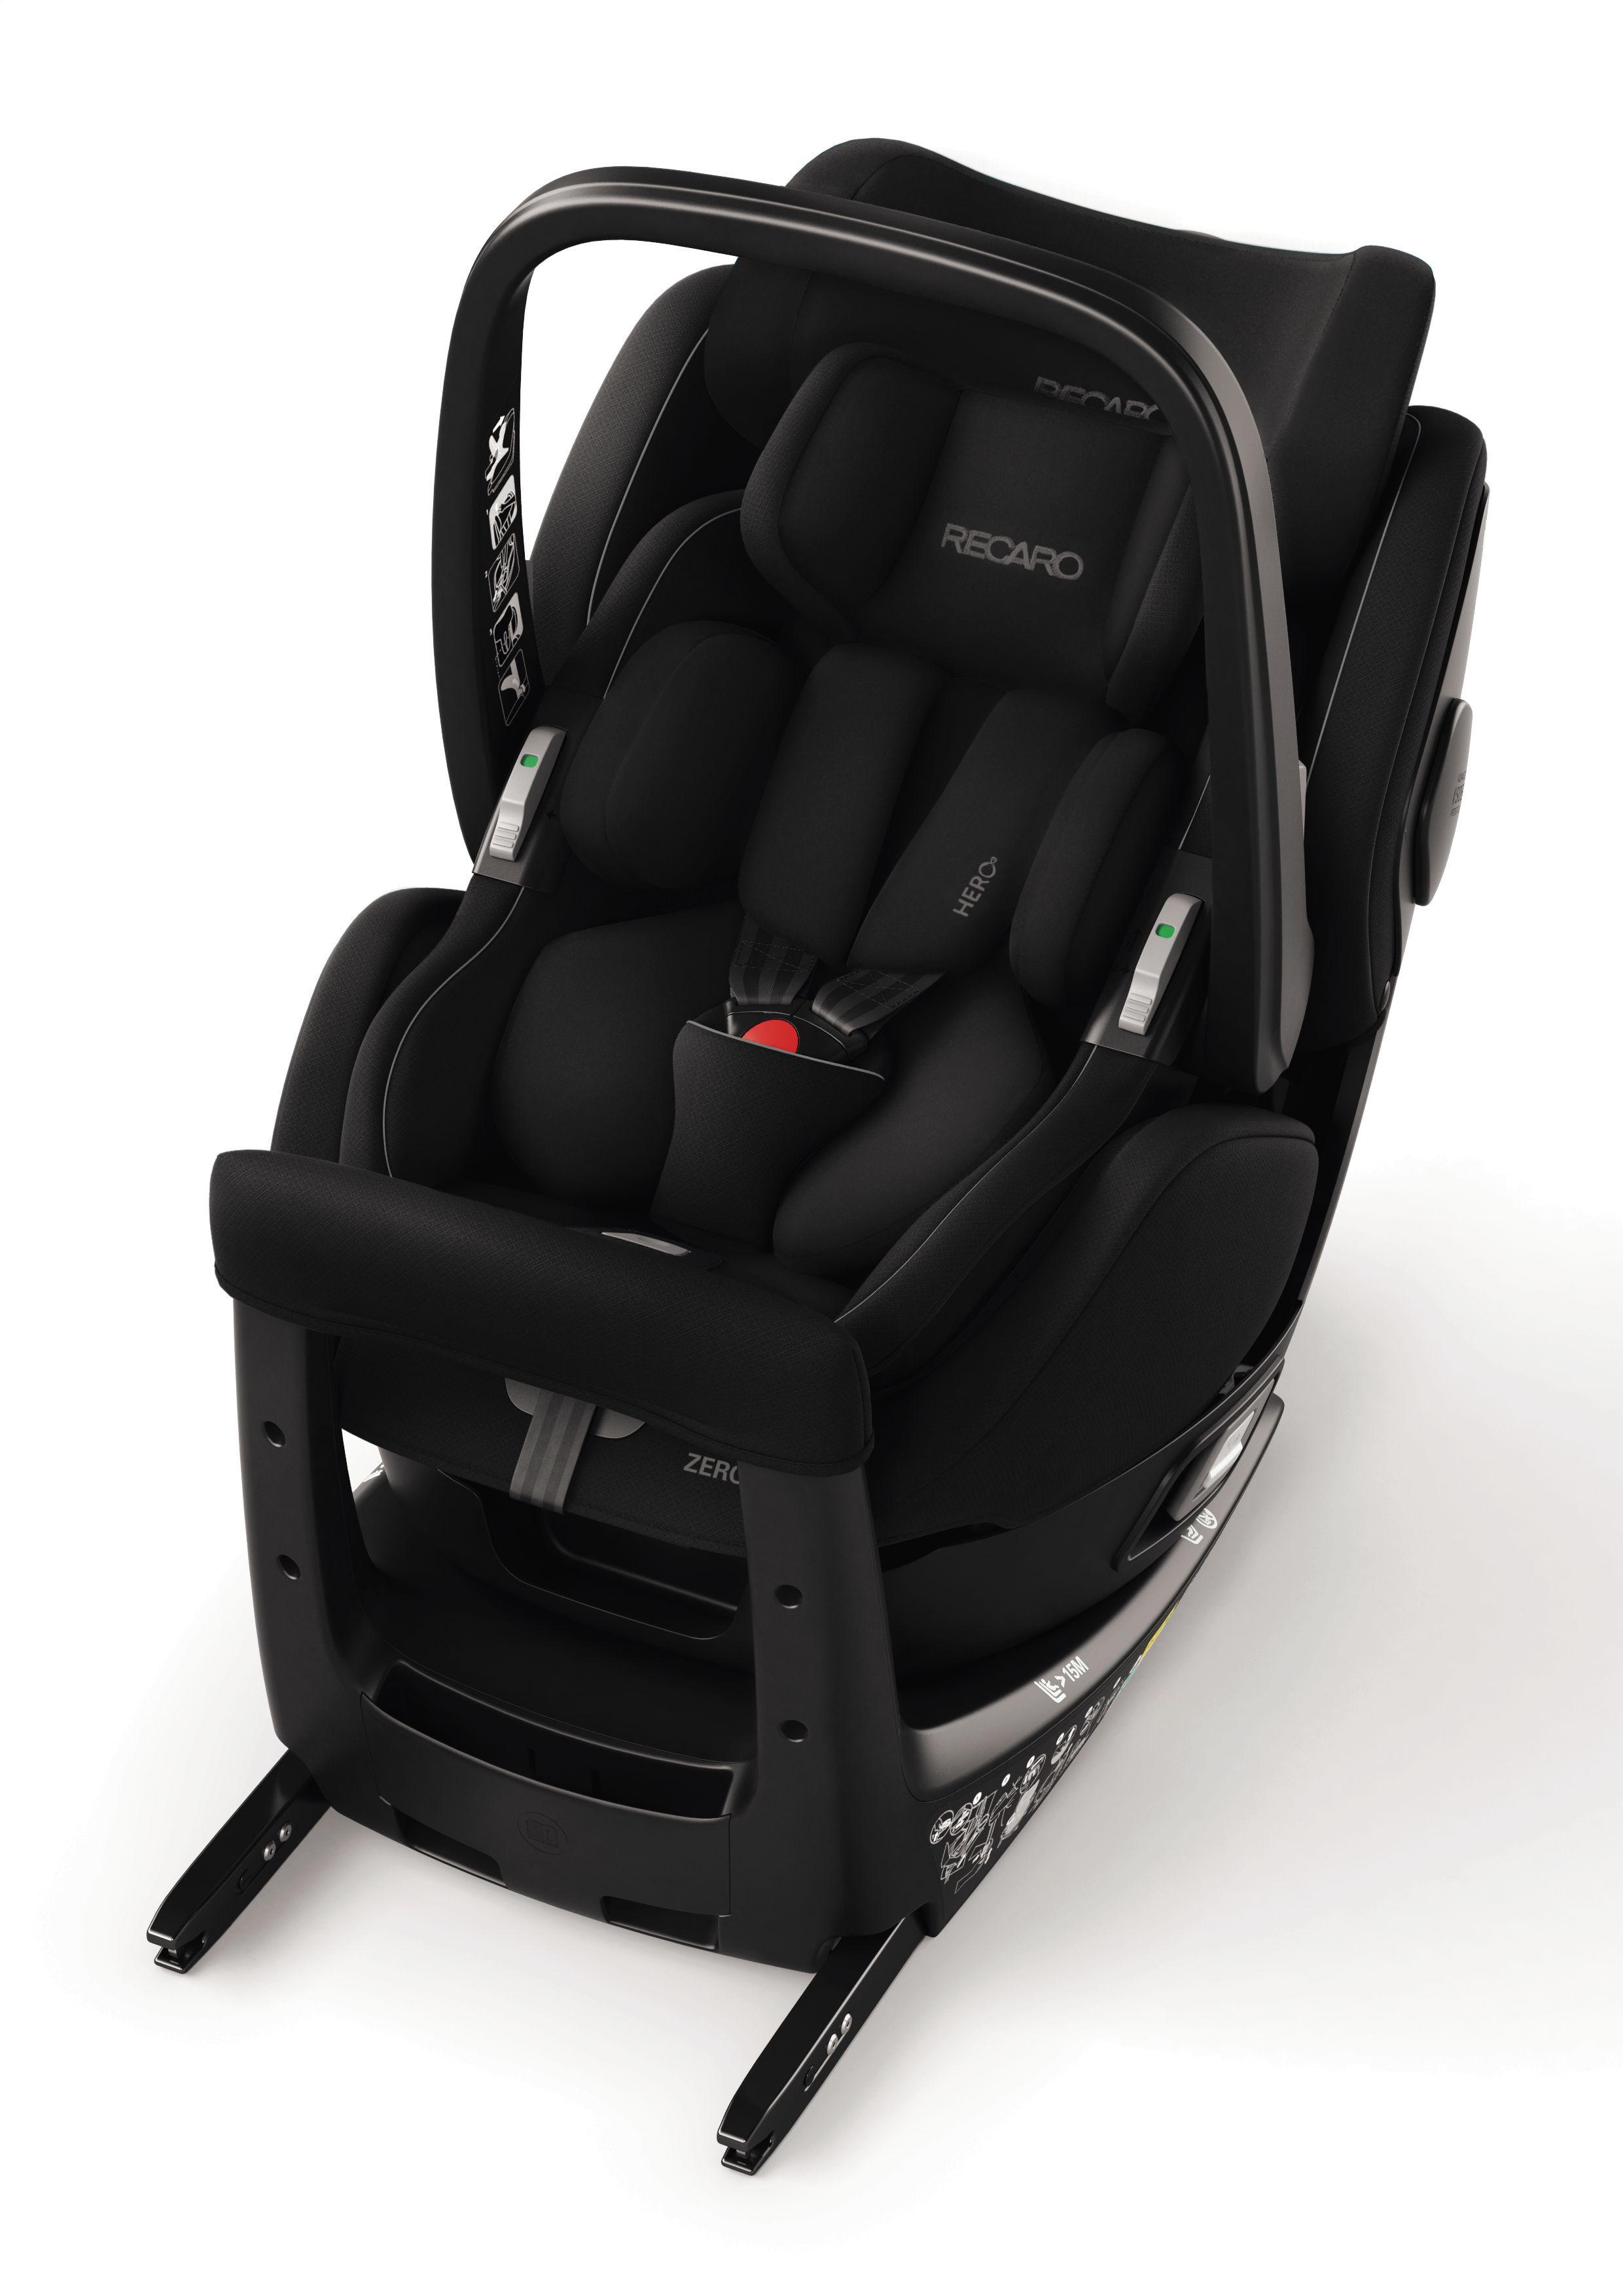 silla de coche zero 1 elite recaro opiniones. Black Bedroom Furniture Sets. Home Design Ideas